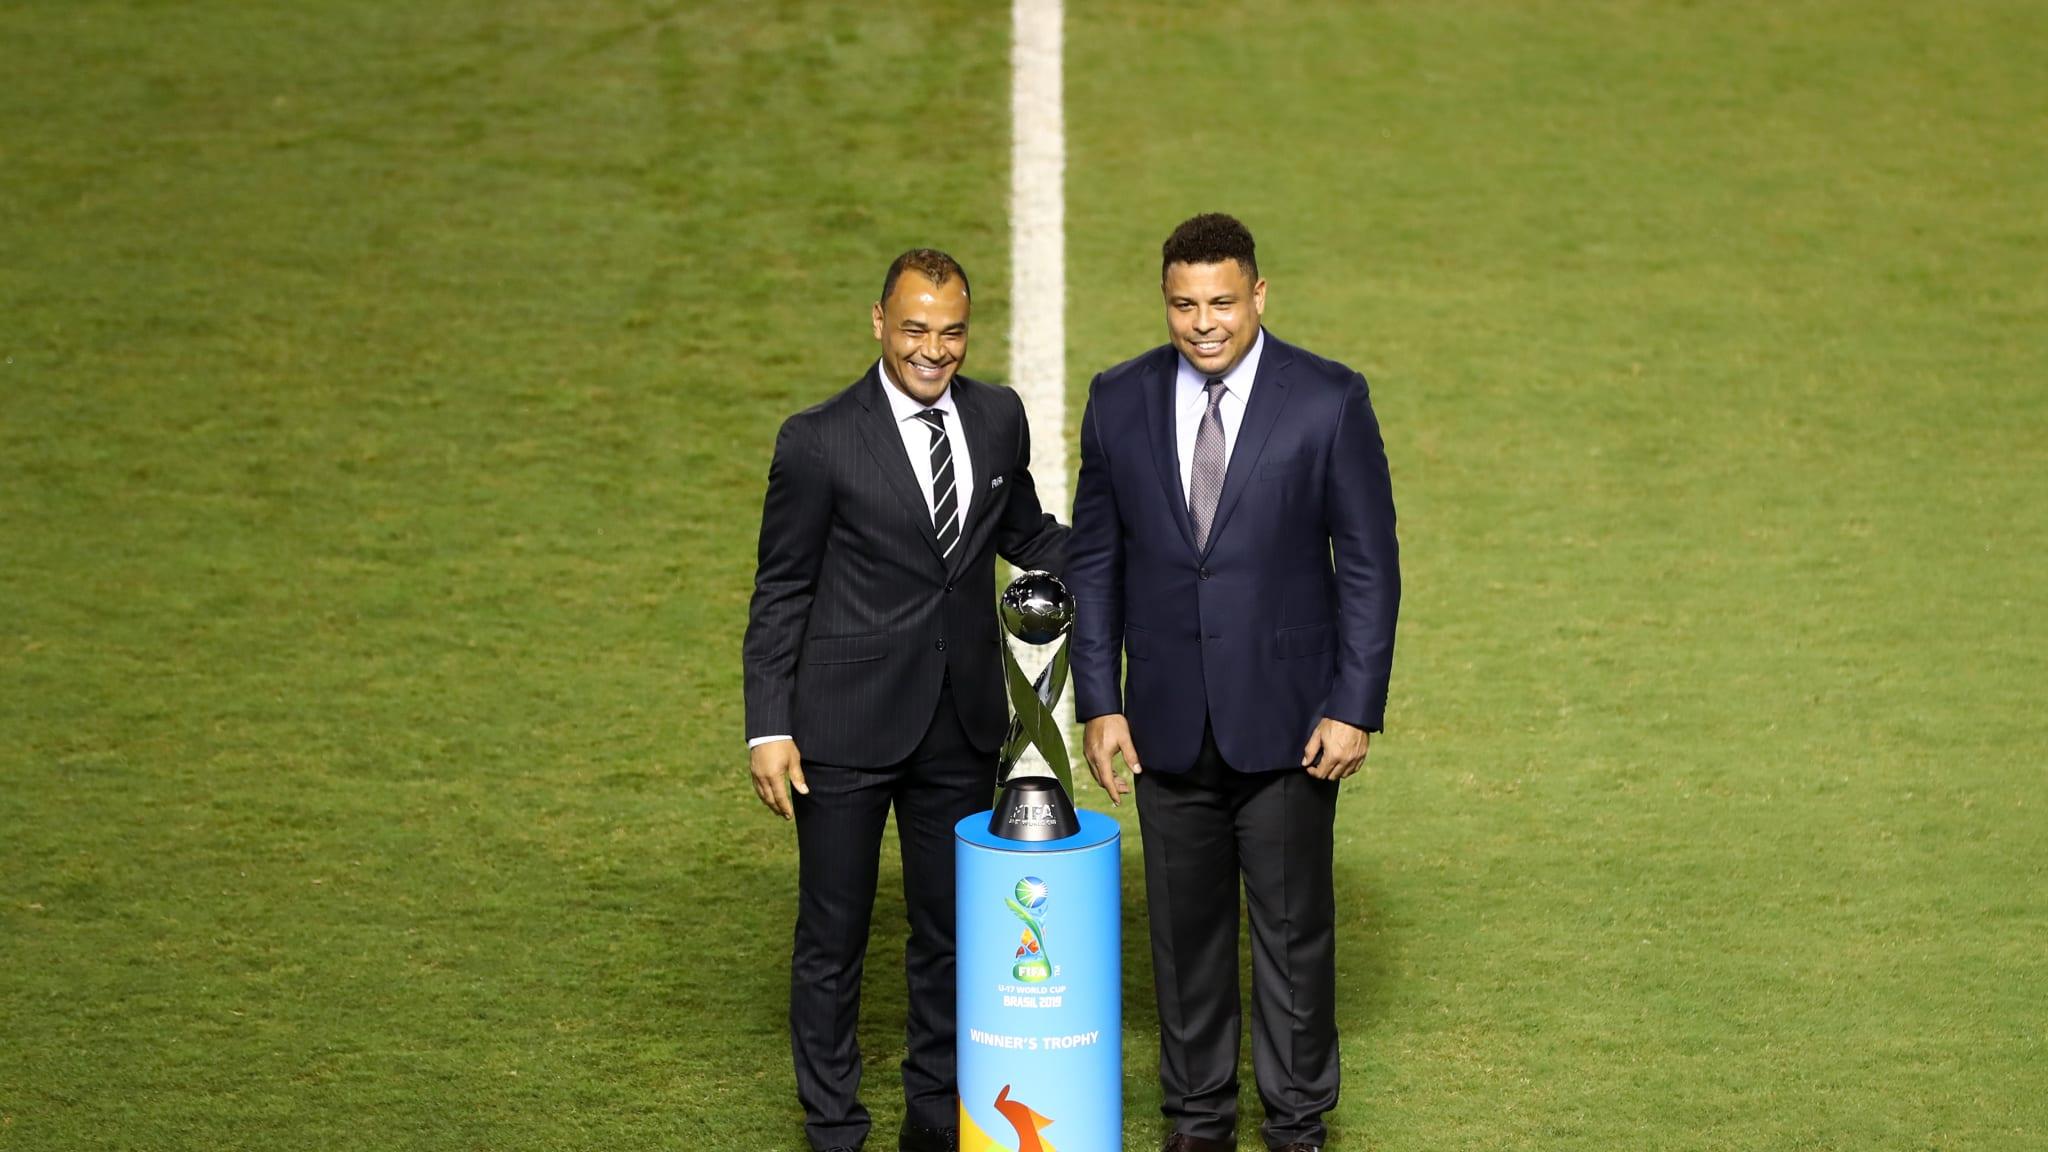 Former Brazil Internationals Cafu and Ronaldo pose for a photo